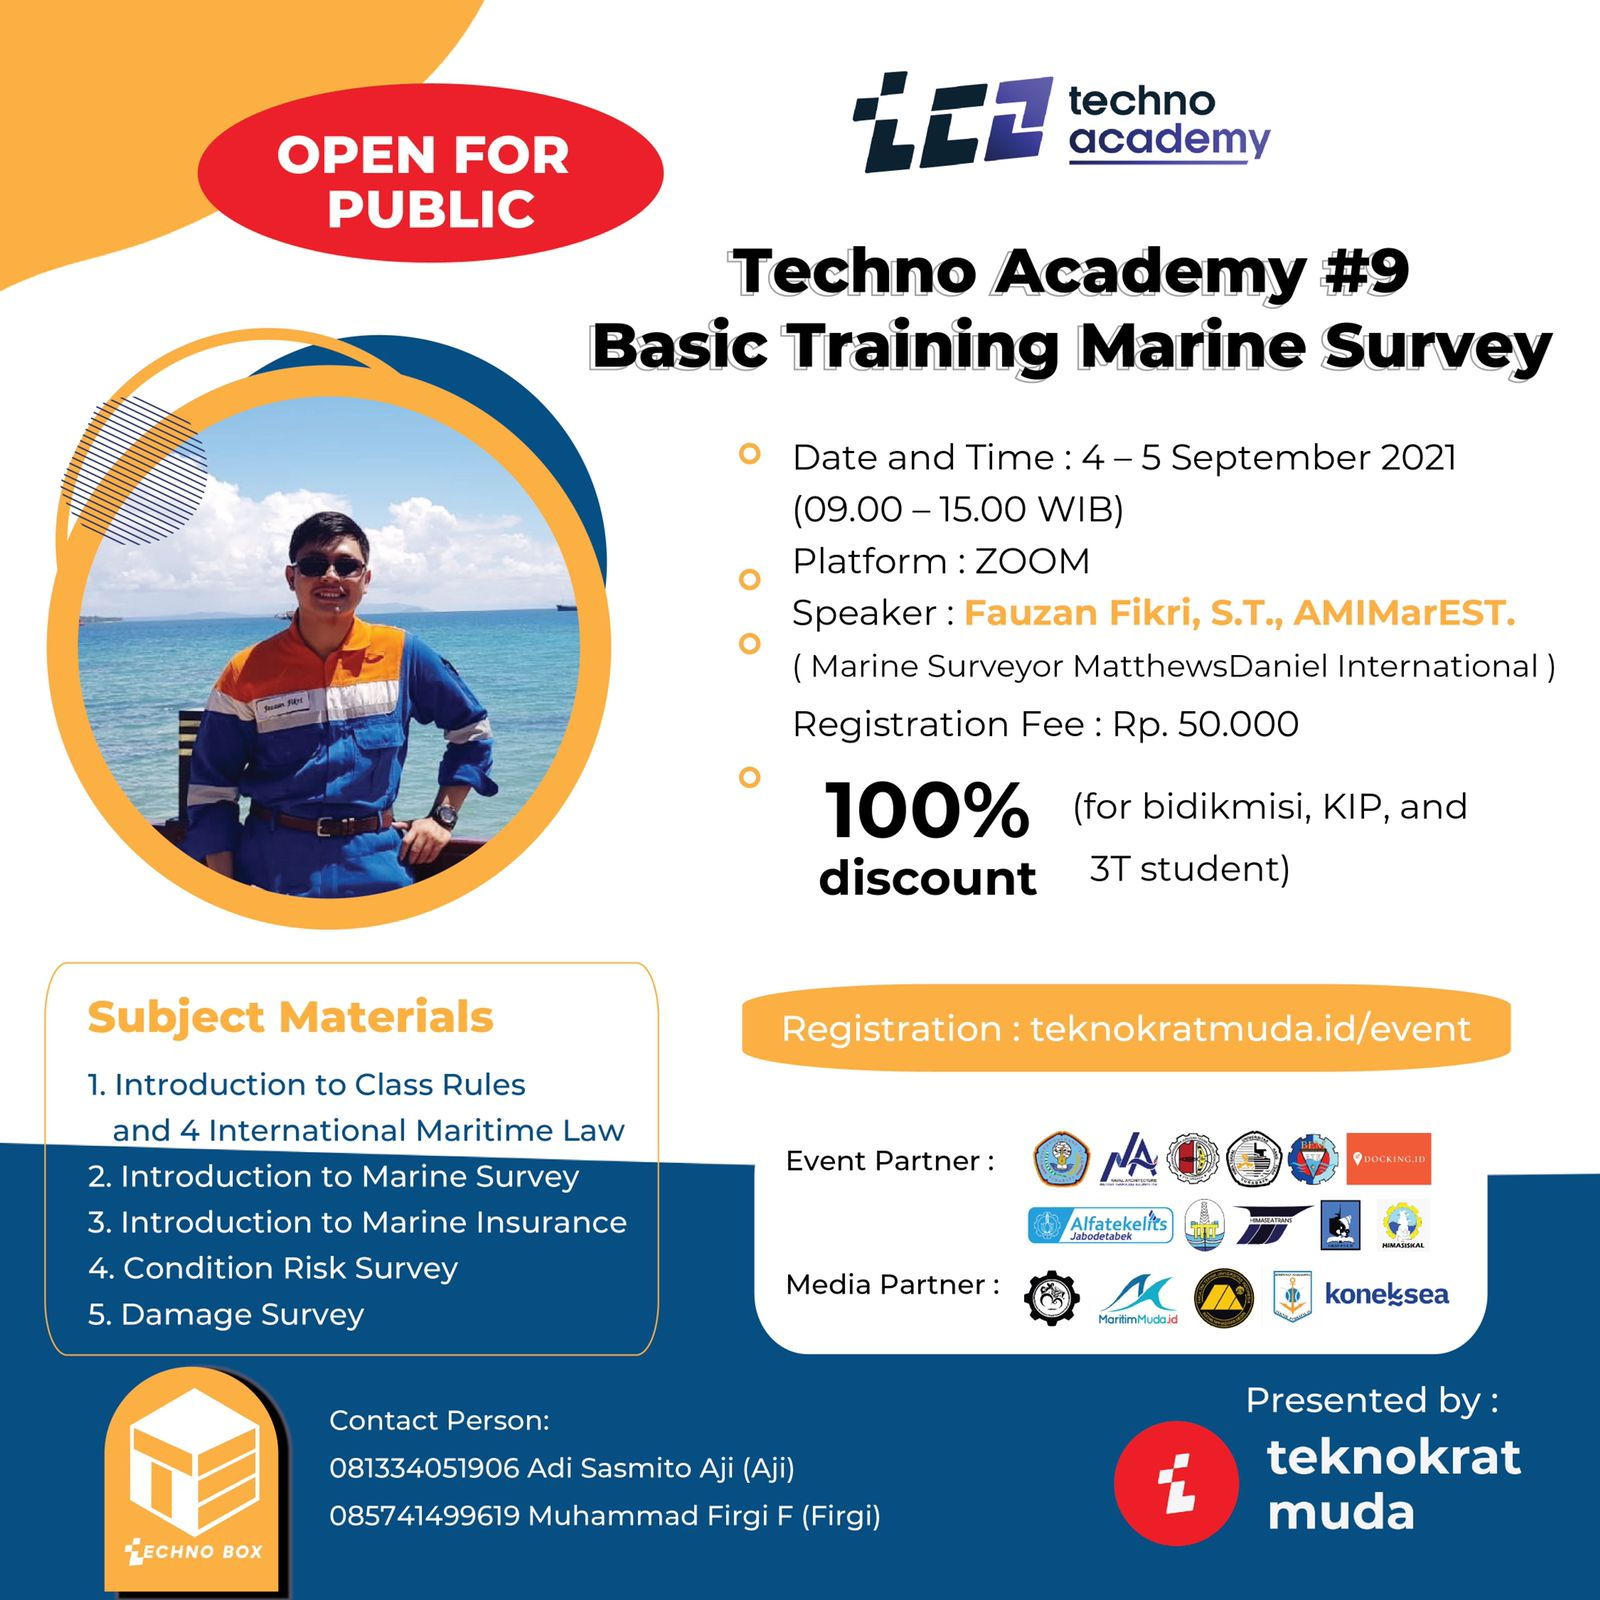 Techno Academy #9 Basic Training Marine Survey